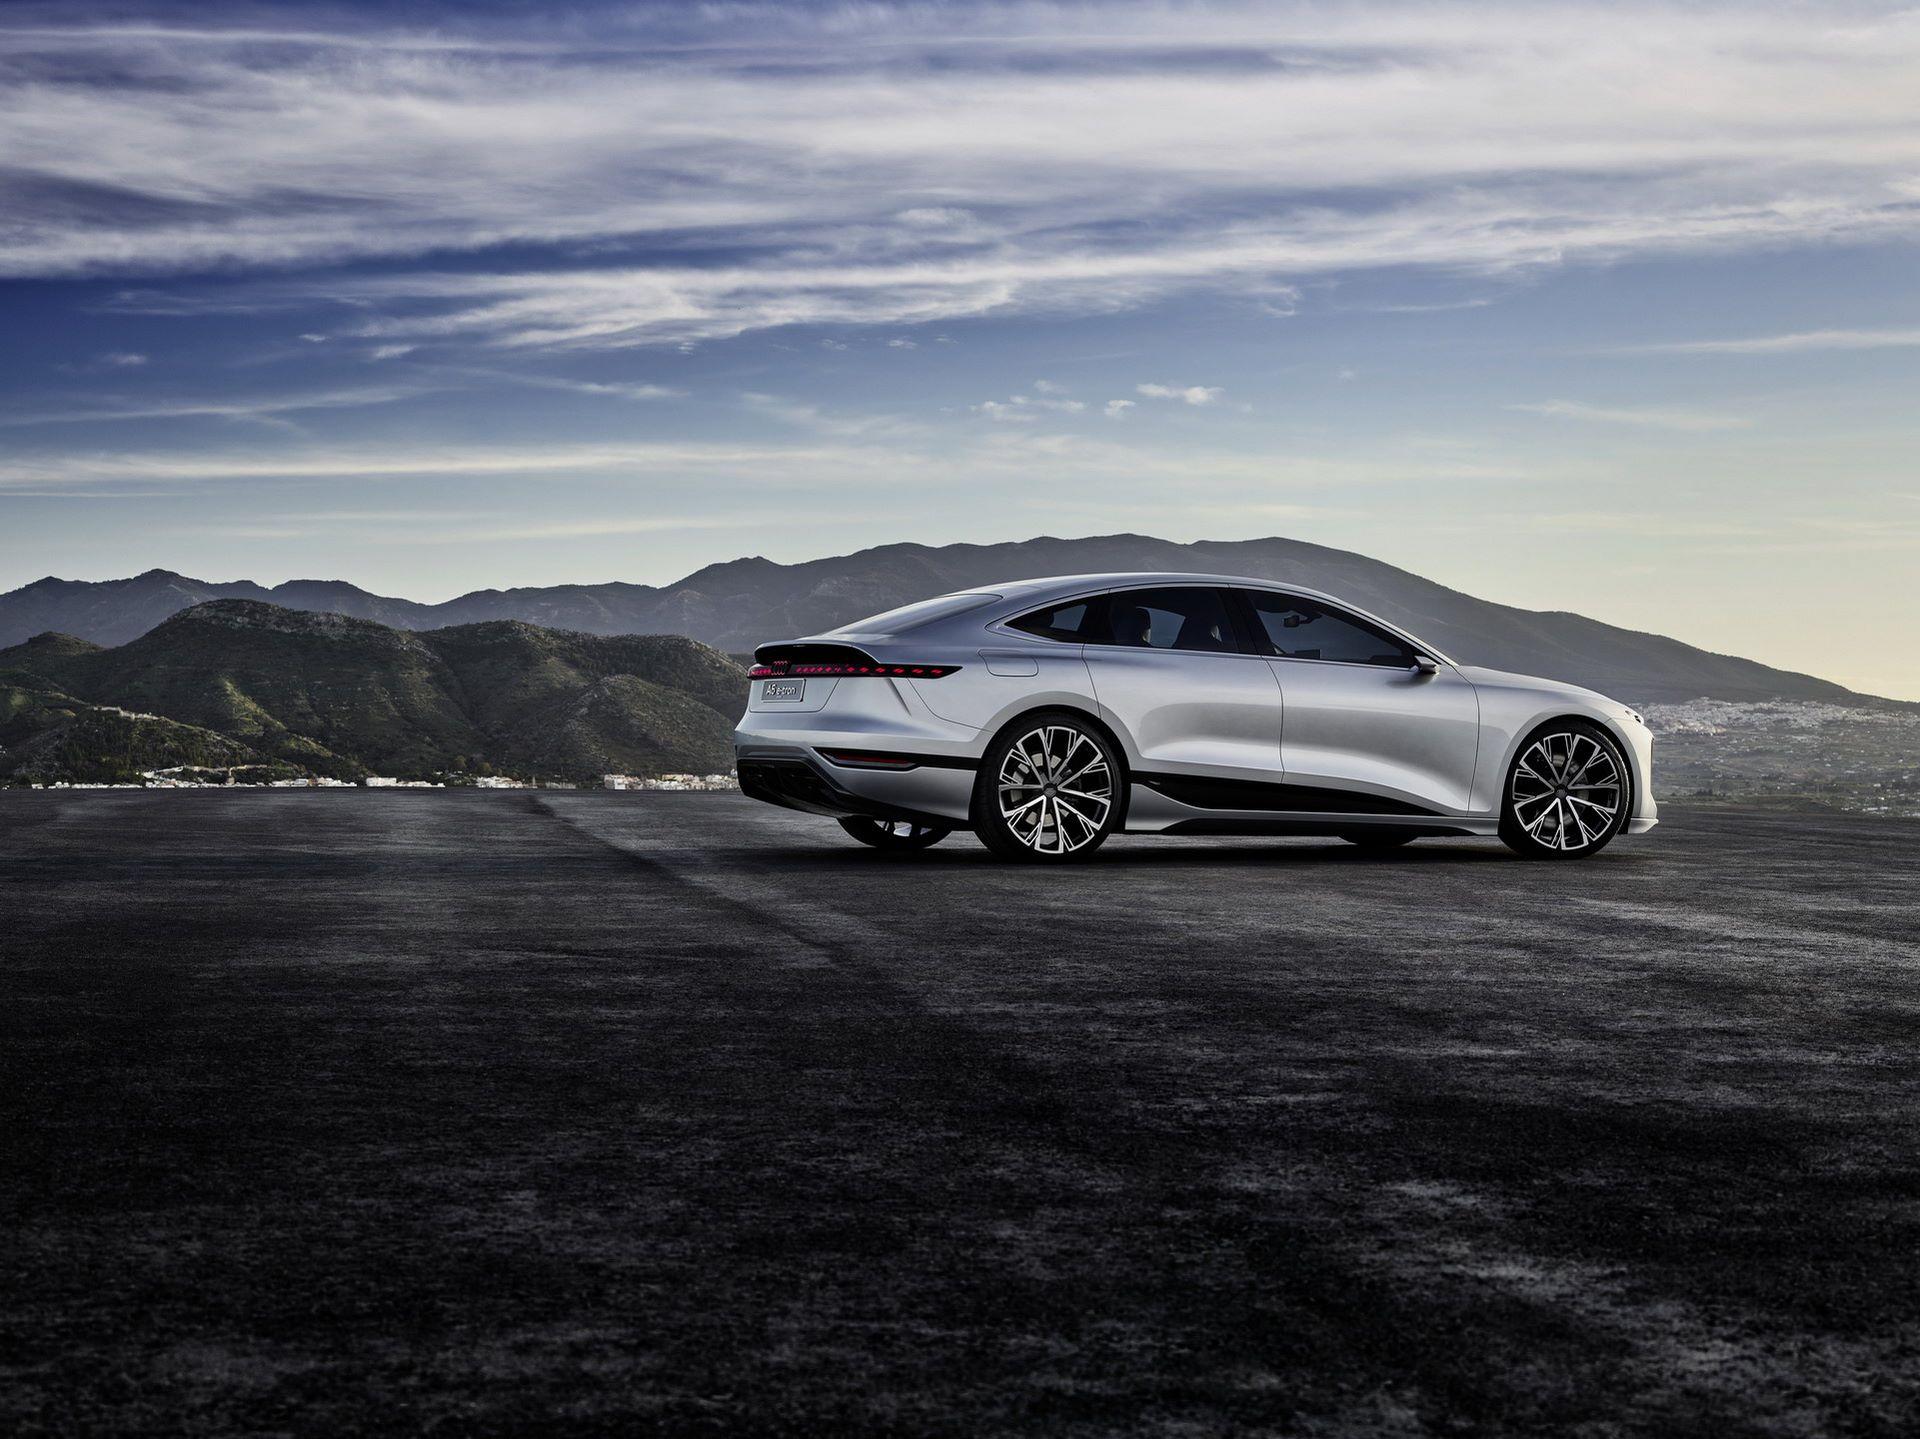 Audi-A6-e-tron-concept-11